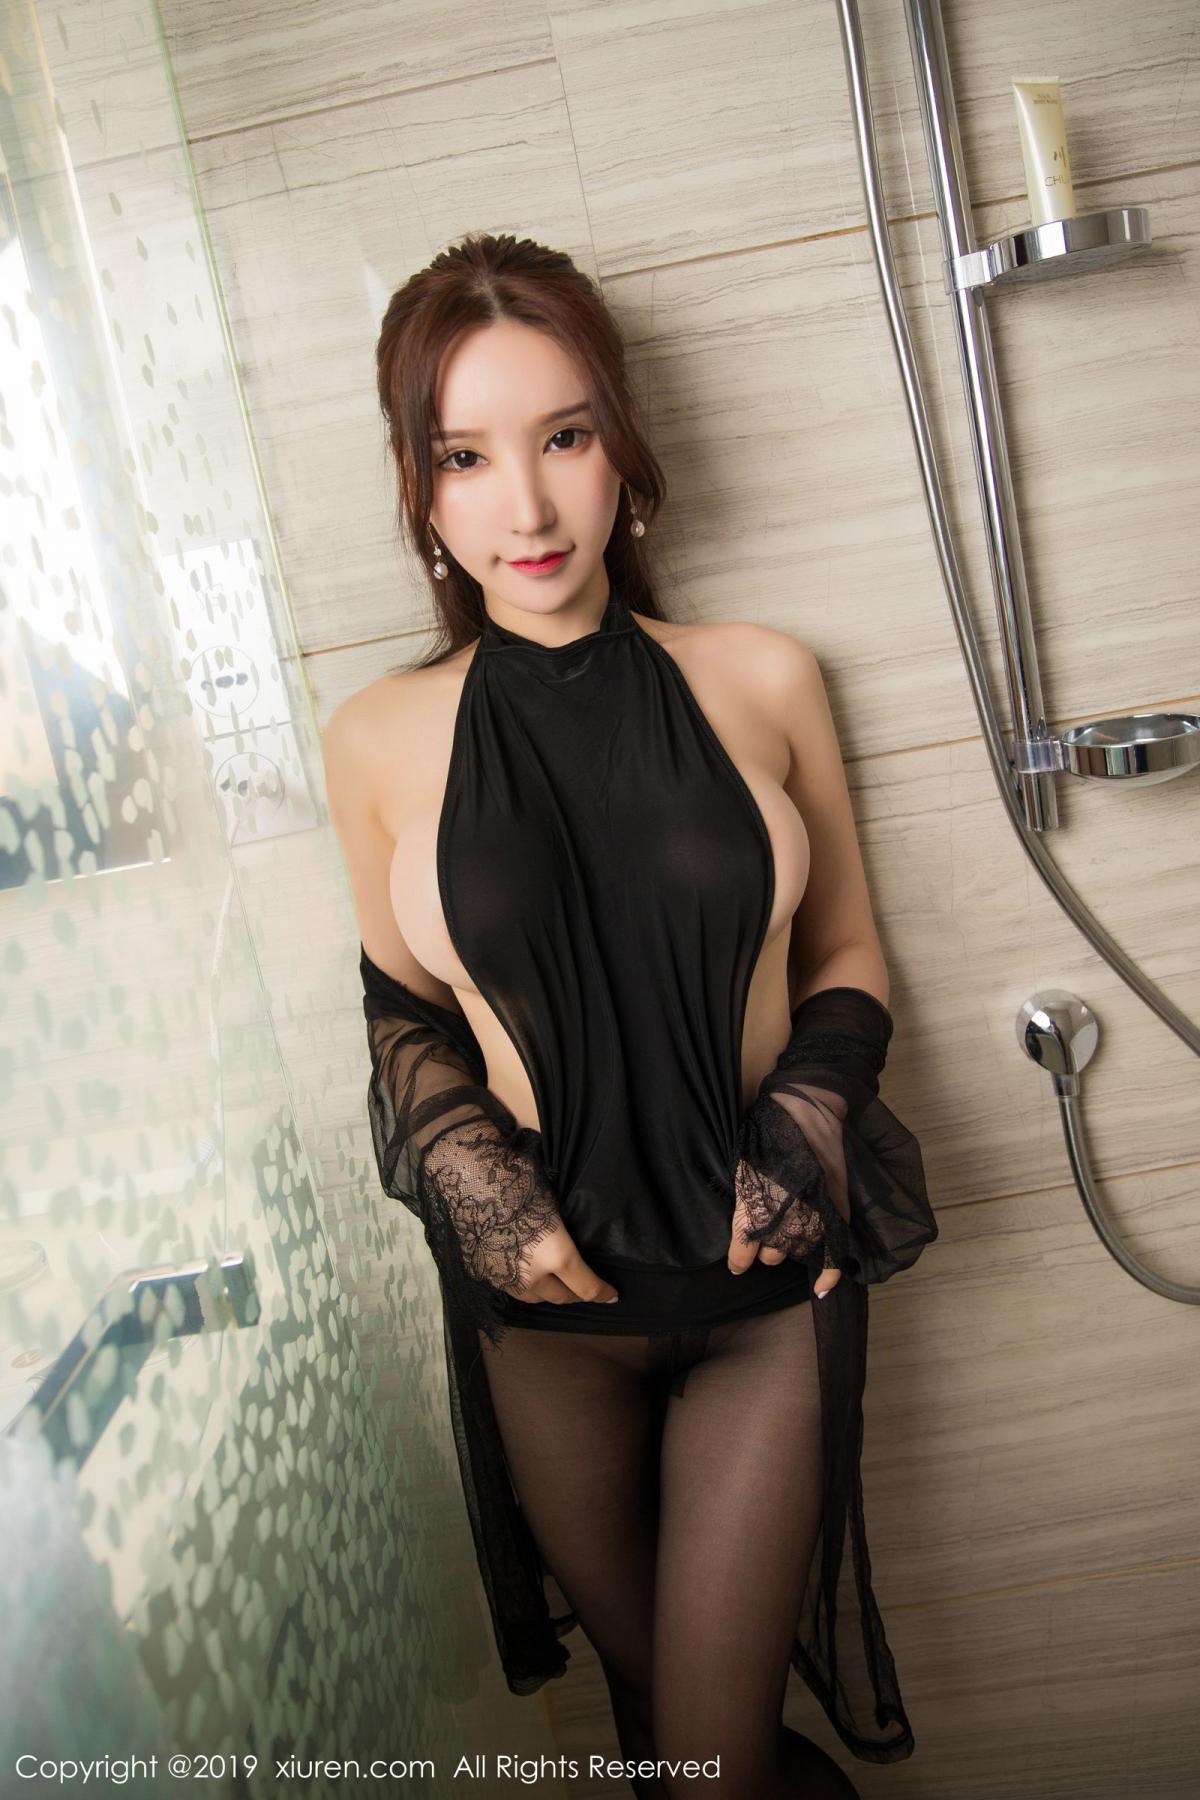 [XiuRen] Vol.1556 Zhou Yu Xi 28P, Bathroom, Black Silk, Tall, Underwear, Xiuren, Zhou Yu Xi